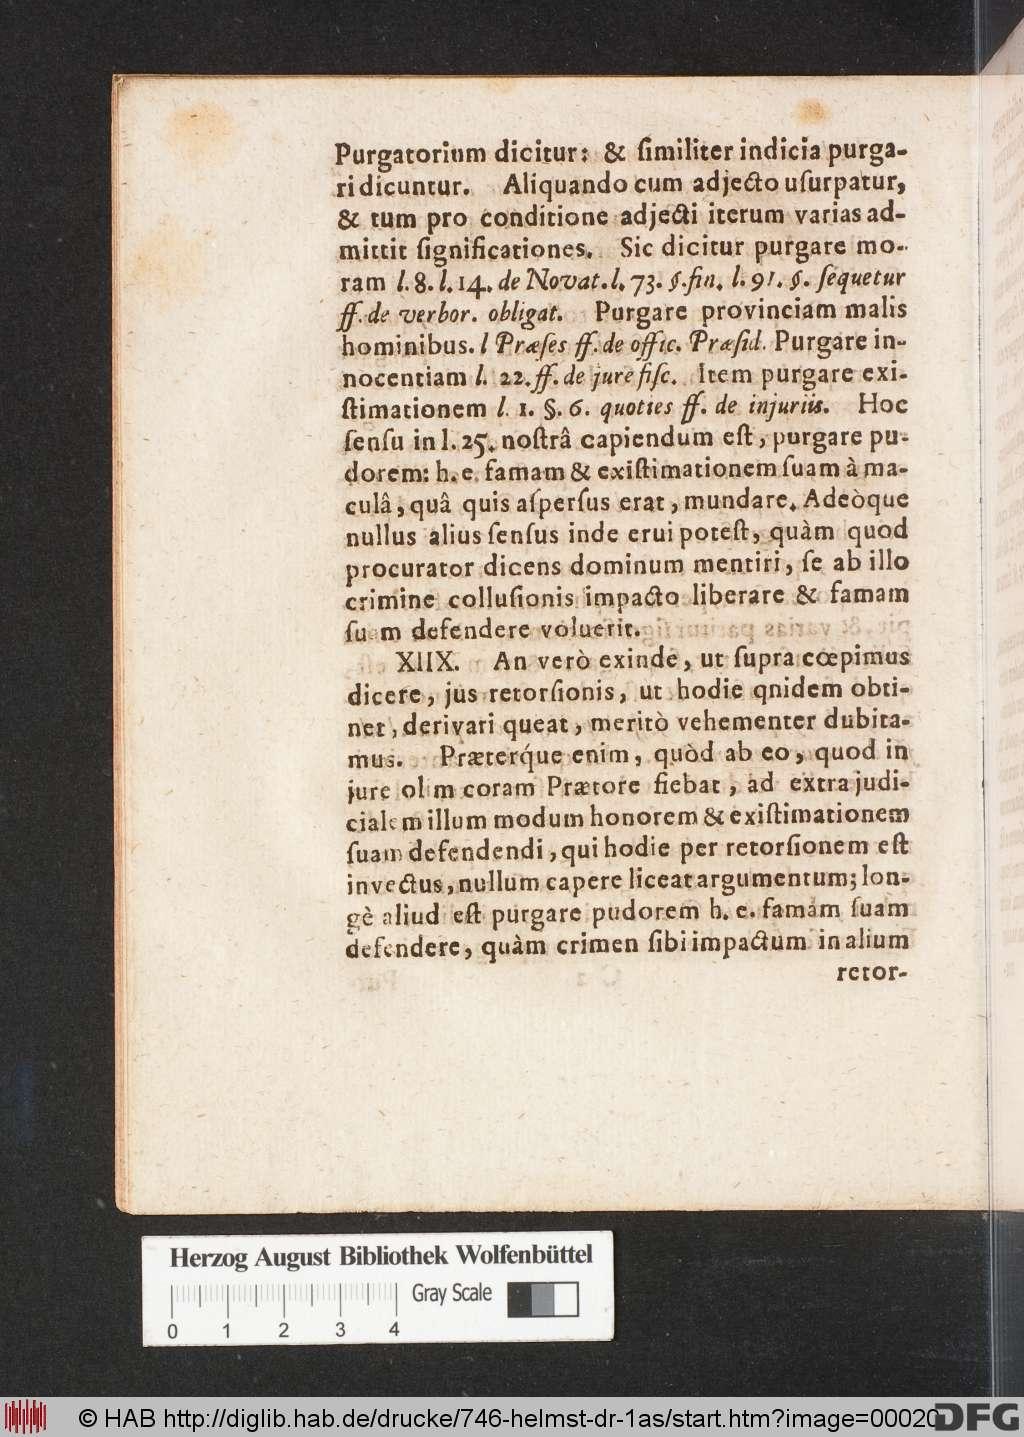 http://diglib.hab.de/drucke/746-helmst-dr-1as/00020.jpg